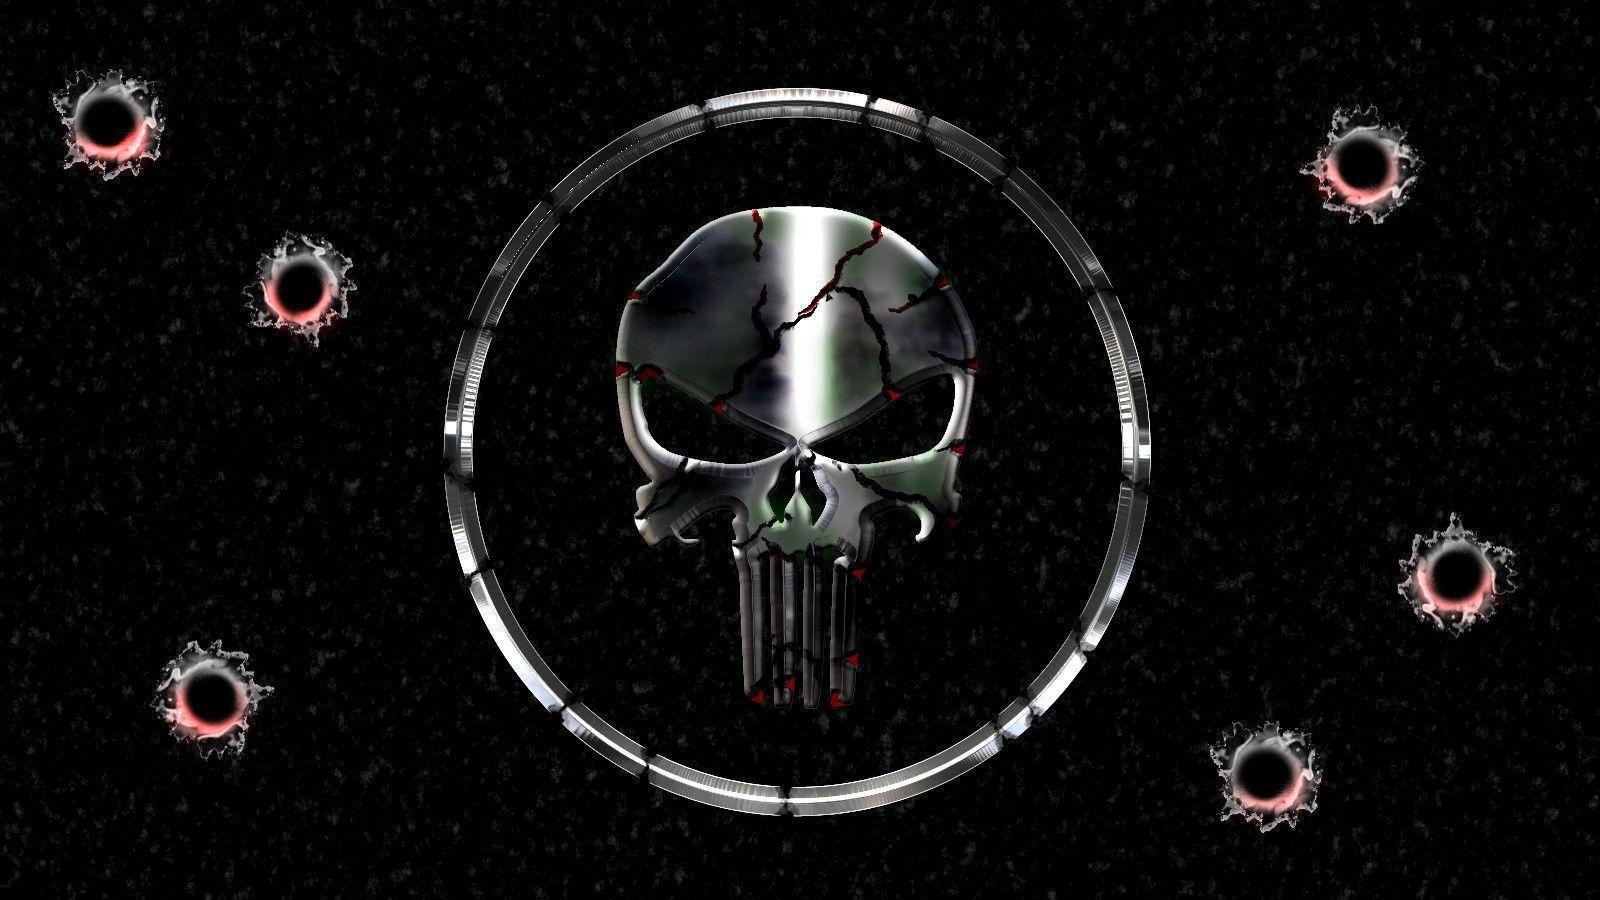 Black Punisher Skull Images Wallpaper HD - dlwallhd.